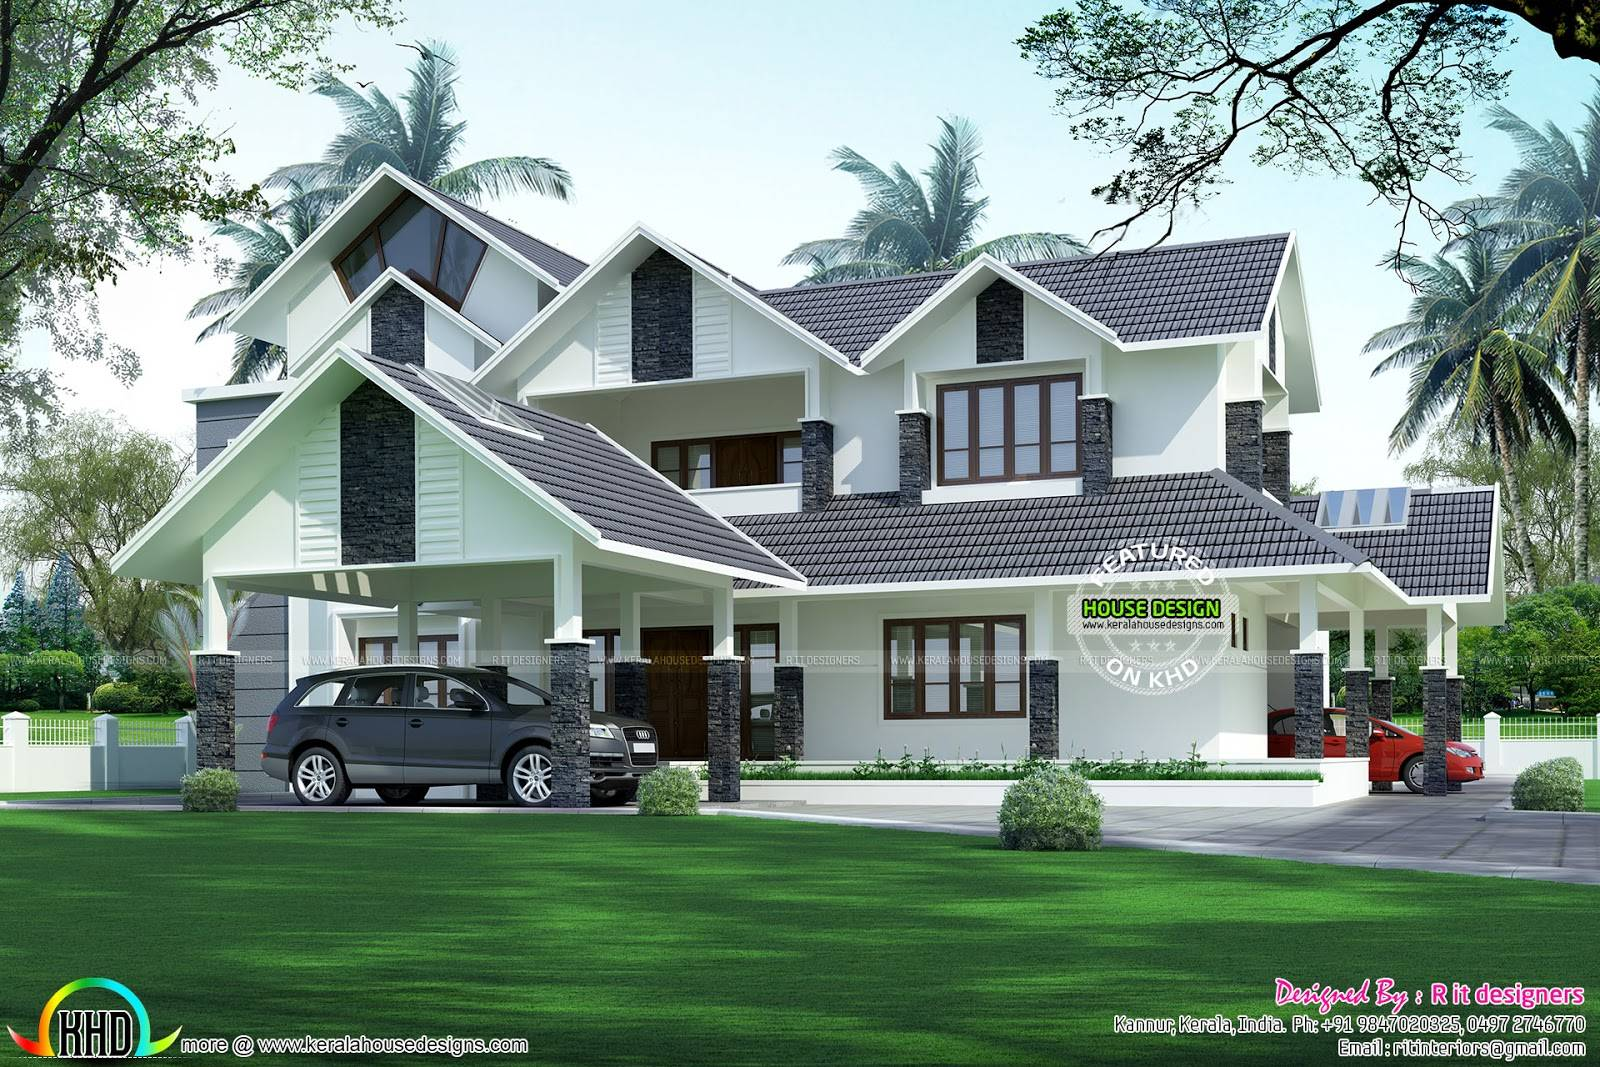 Luxurious Car Porch House Kerala Home Design Bloglovin Home Plans Blueprints 126280